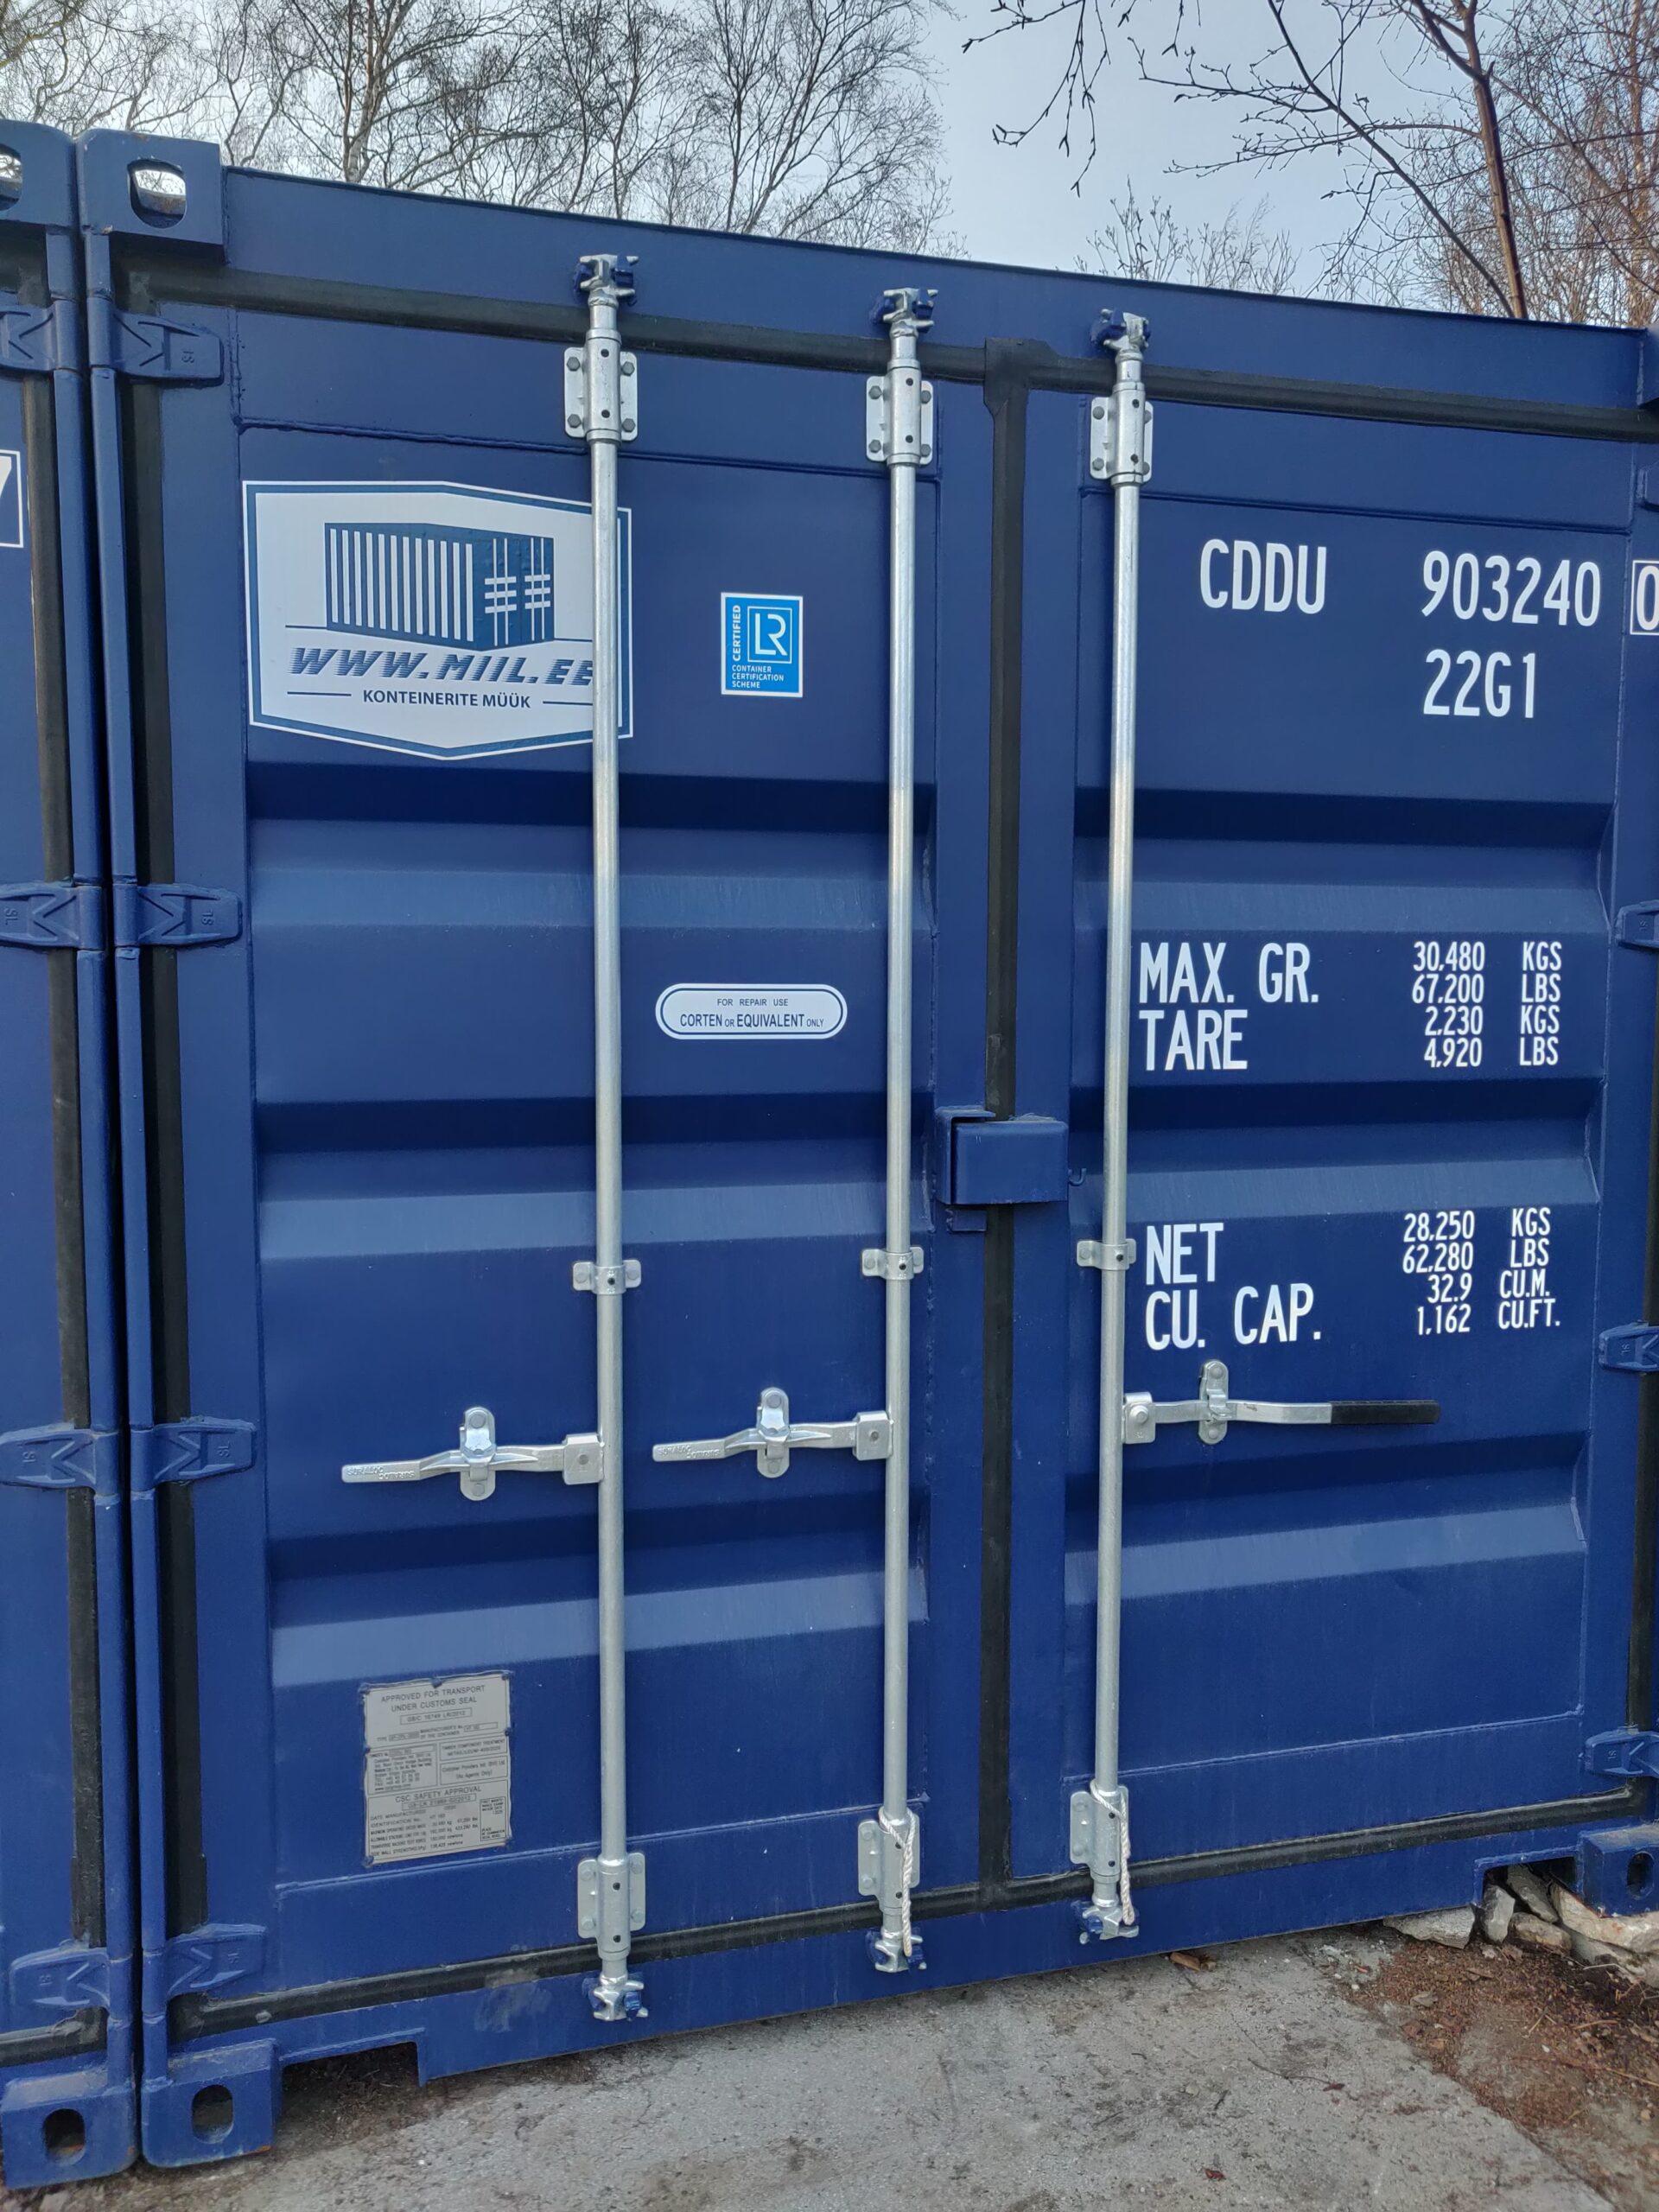 Uus konteinerladu NR 25 – CDDU9032400